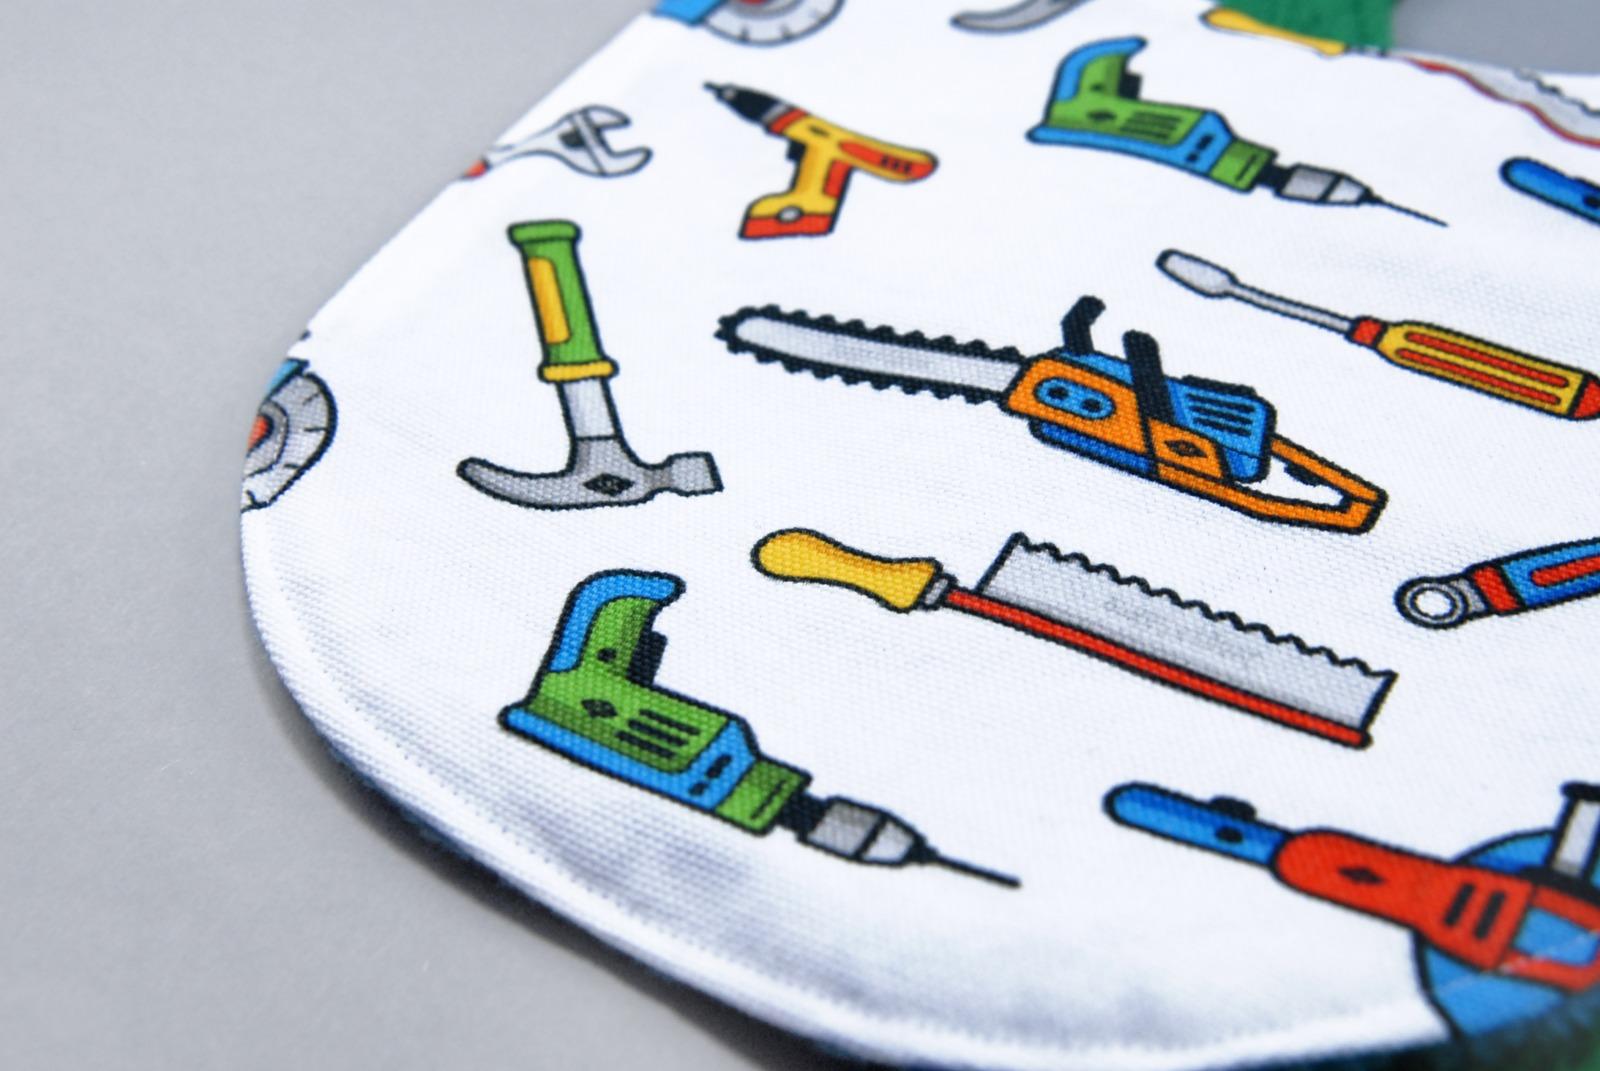 Laetzchen mit Werkzeugen